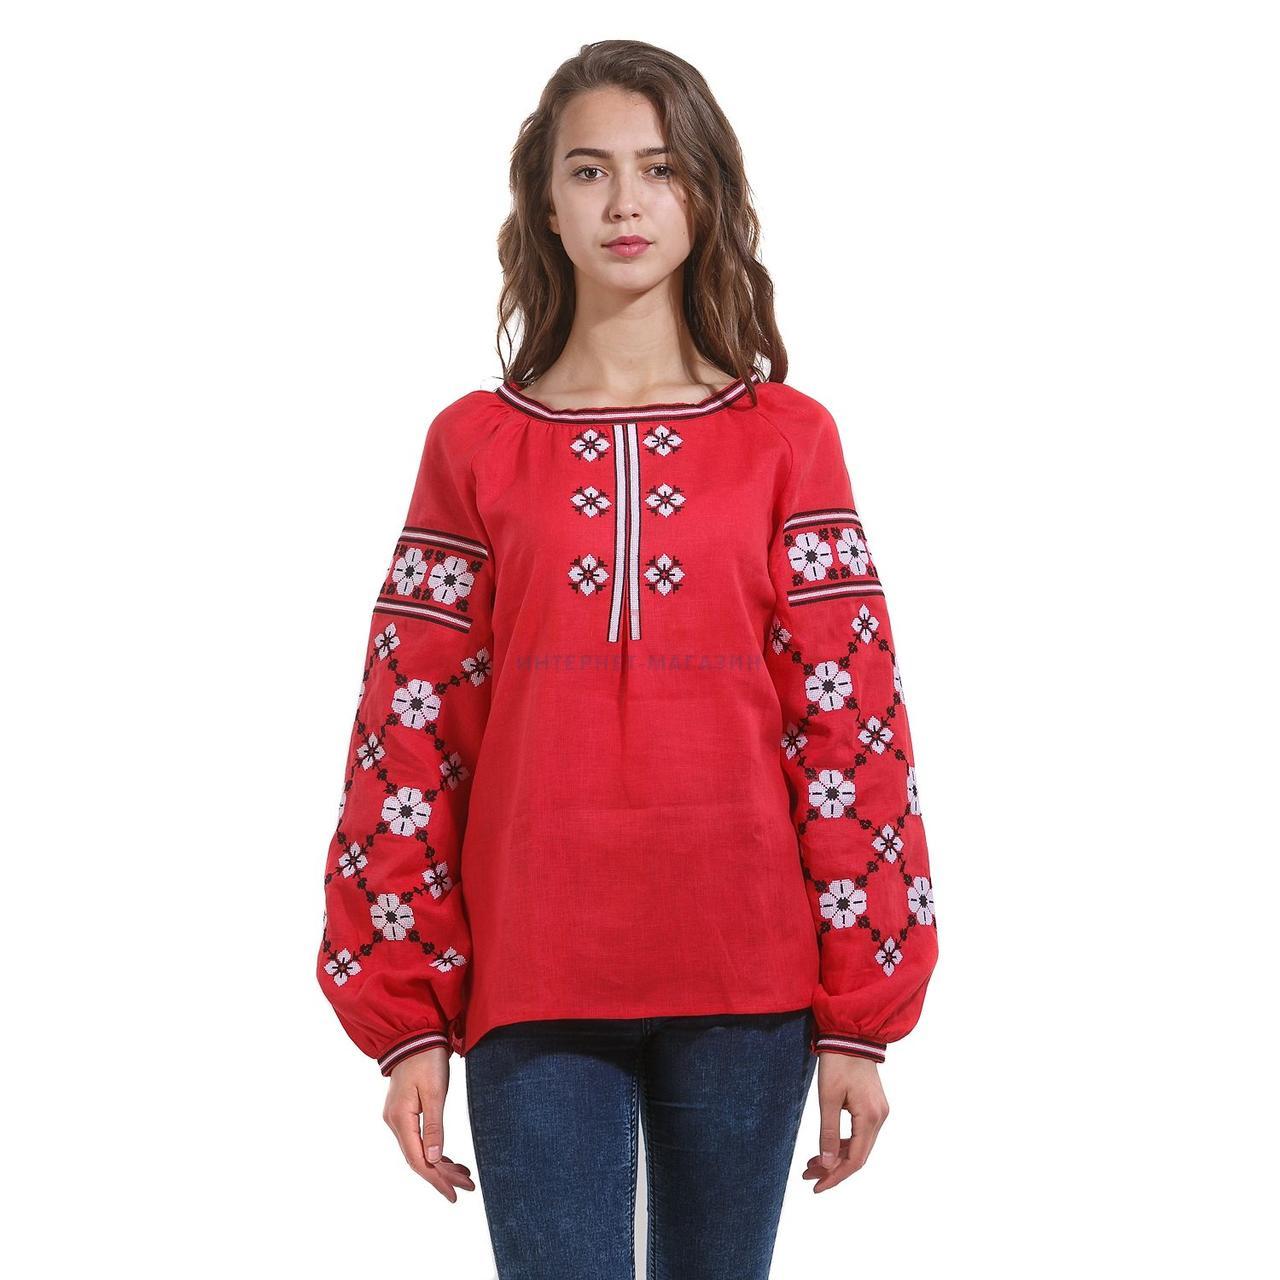 68217b5f3961762 Купить Красная вышитая дизайнерская женская рубашка в Киеве, цена, отзывы |  Вышиванко